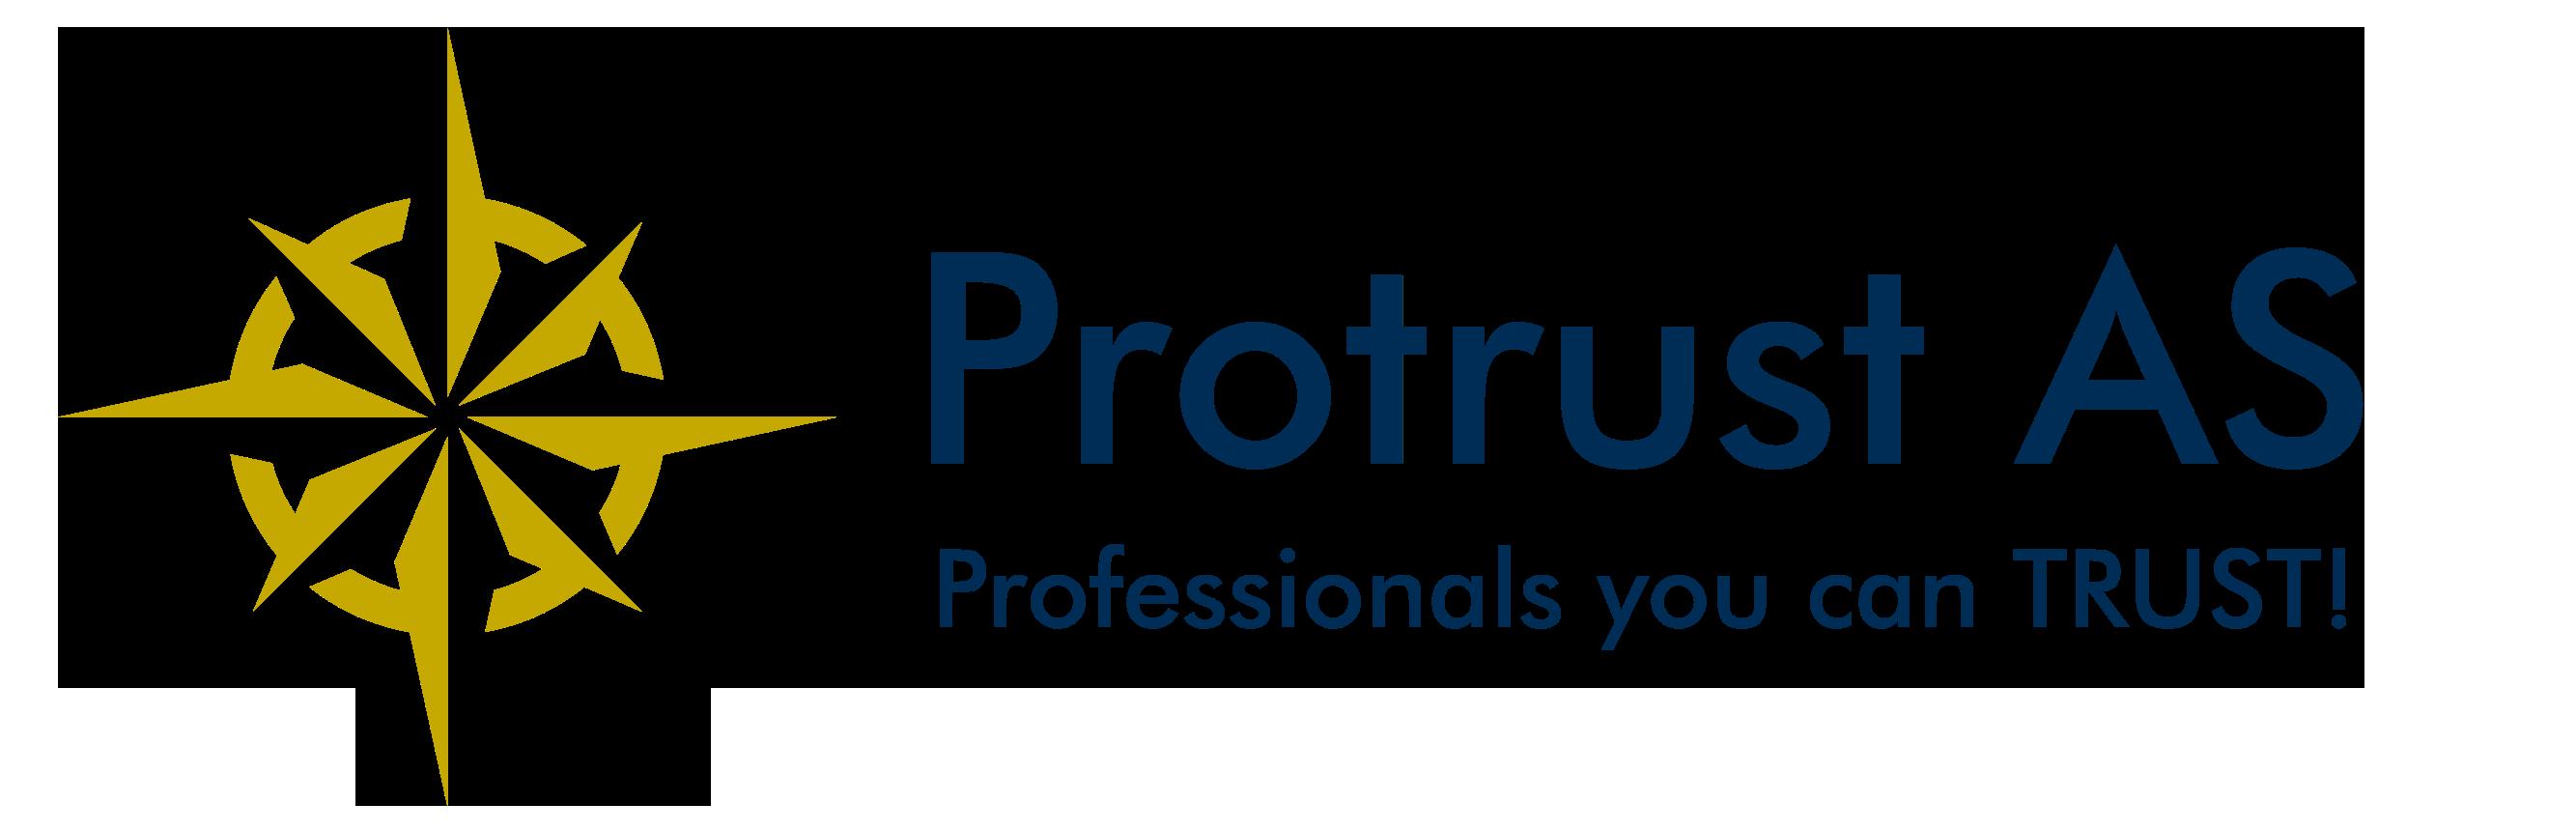 Protrust-Professionals